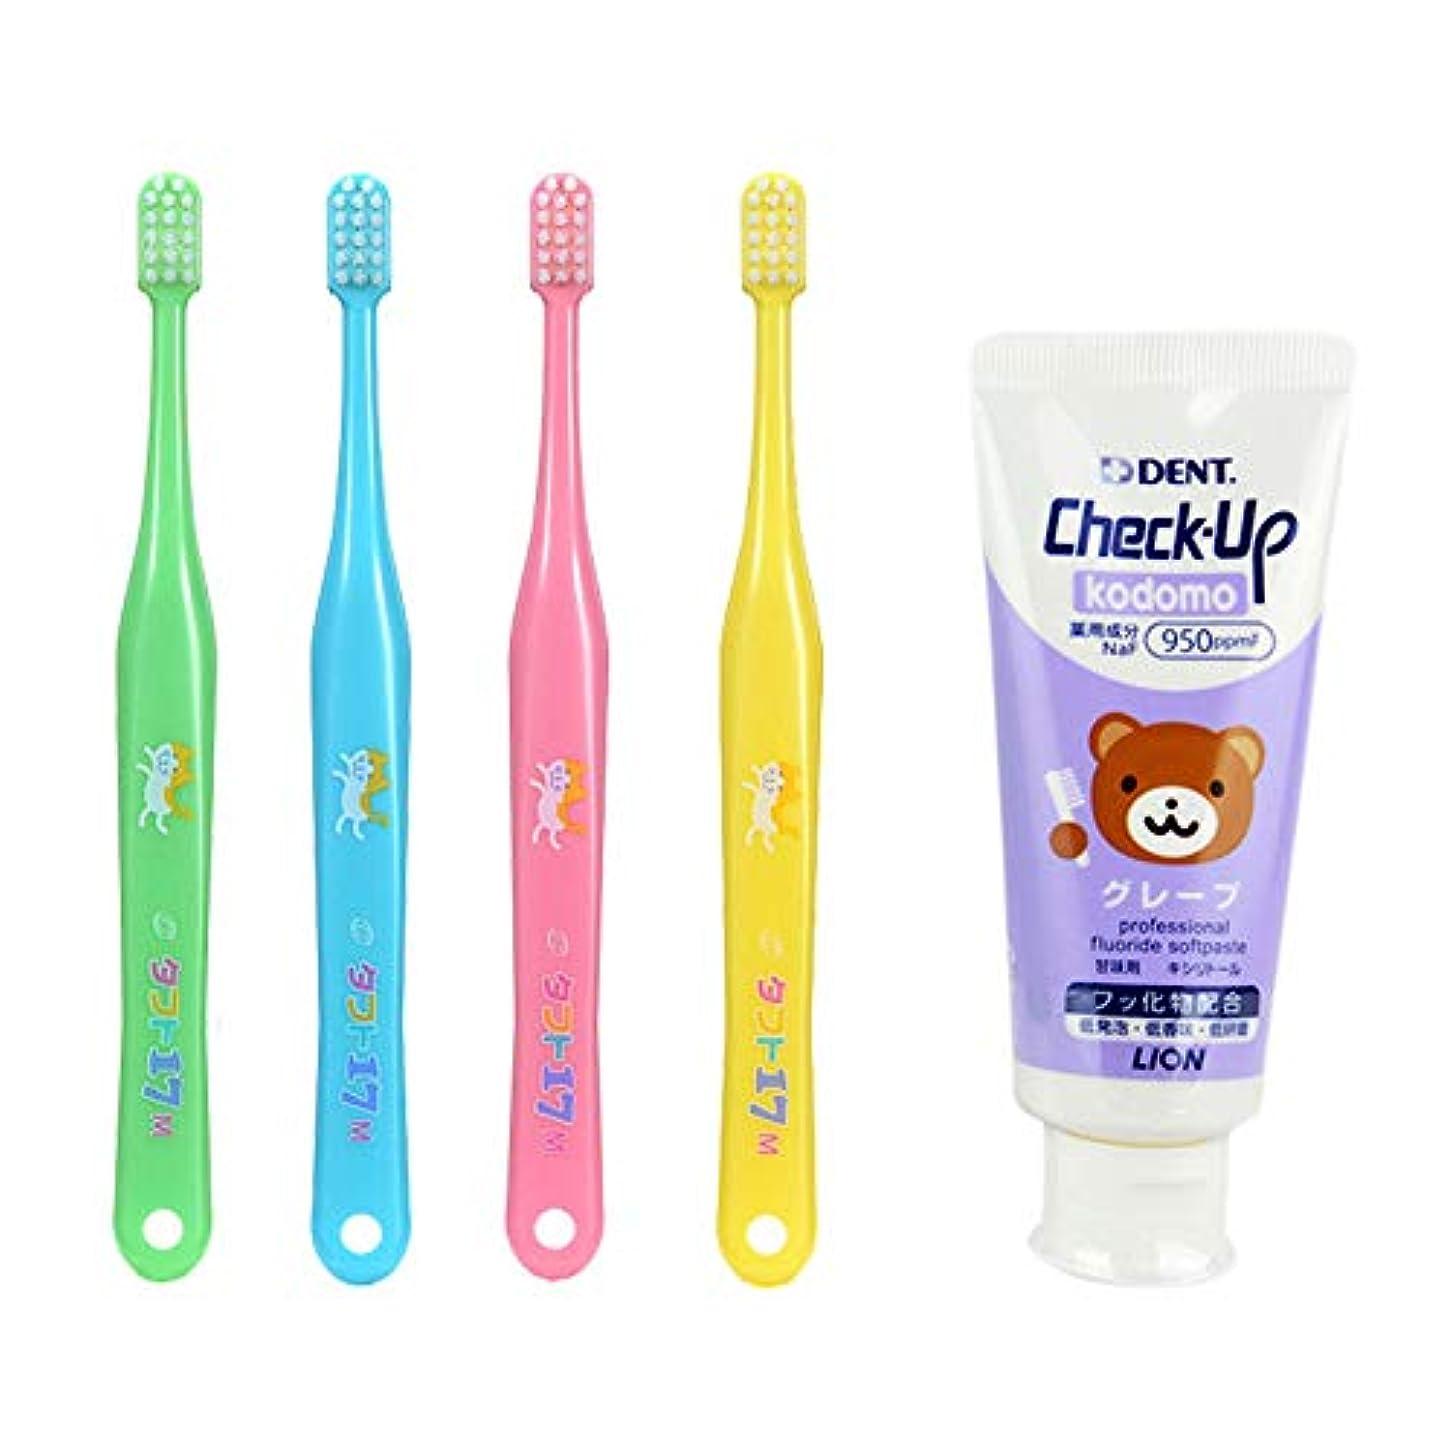 リボン帰するプラグタフト17 M(ふつう) 子ども 歯ブラシ 10本 + チェックアップ コドモ 60g (グレープ) 歯磨き粉 歯科専売品